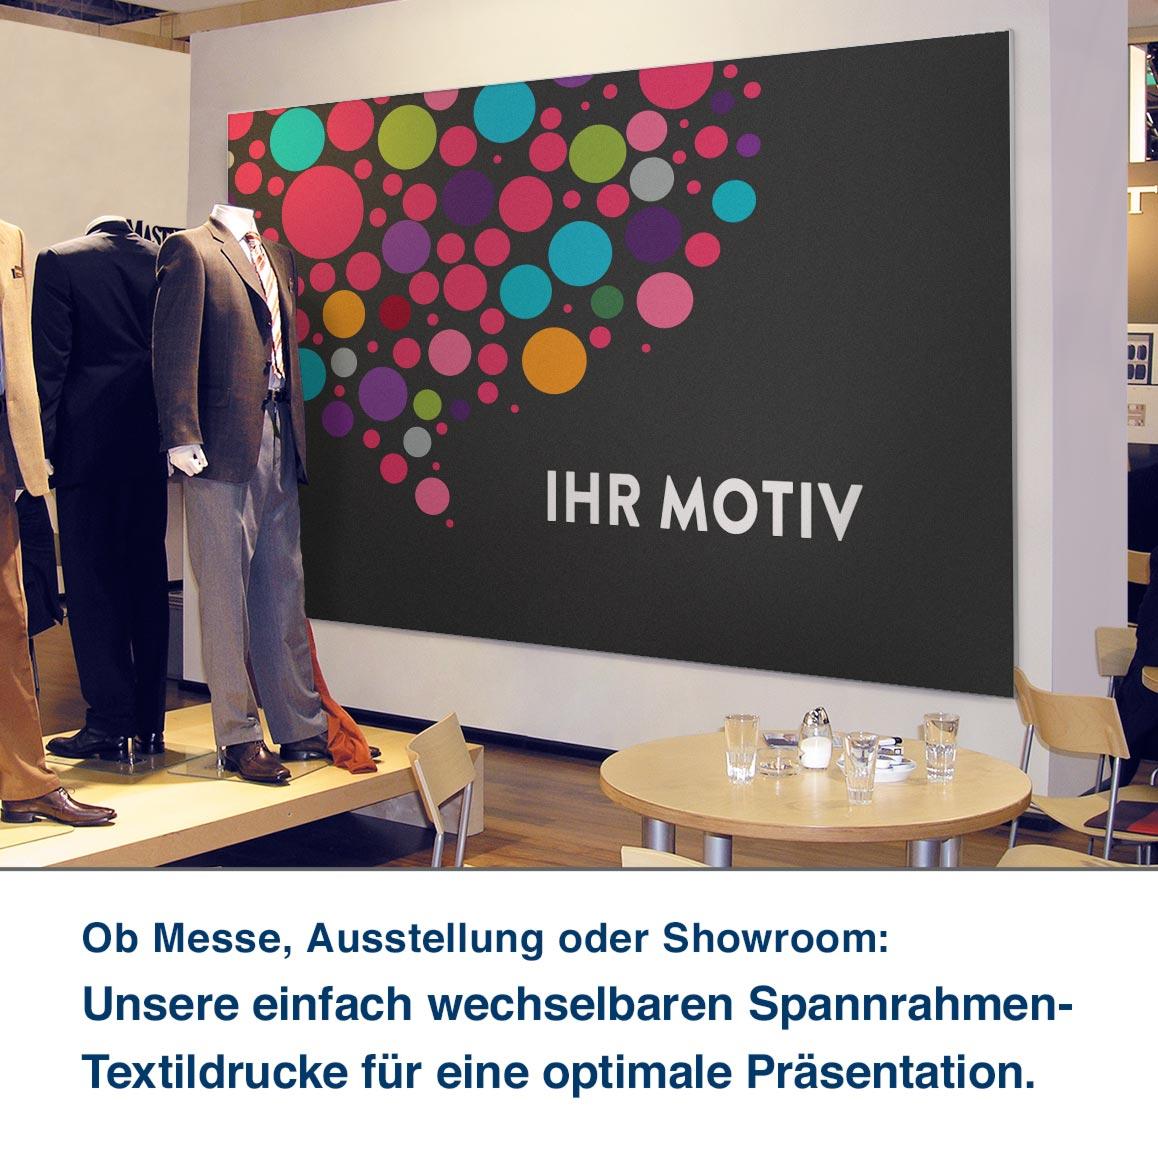 Ob Messe, Ausstellung oder Showroom:  Unsere einfach wechselbaren Spannrahmen- Textildrucke für eine optimale Präsentation.